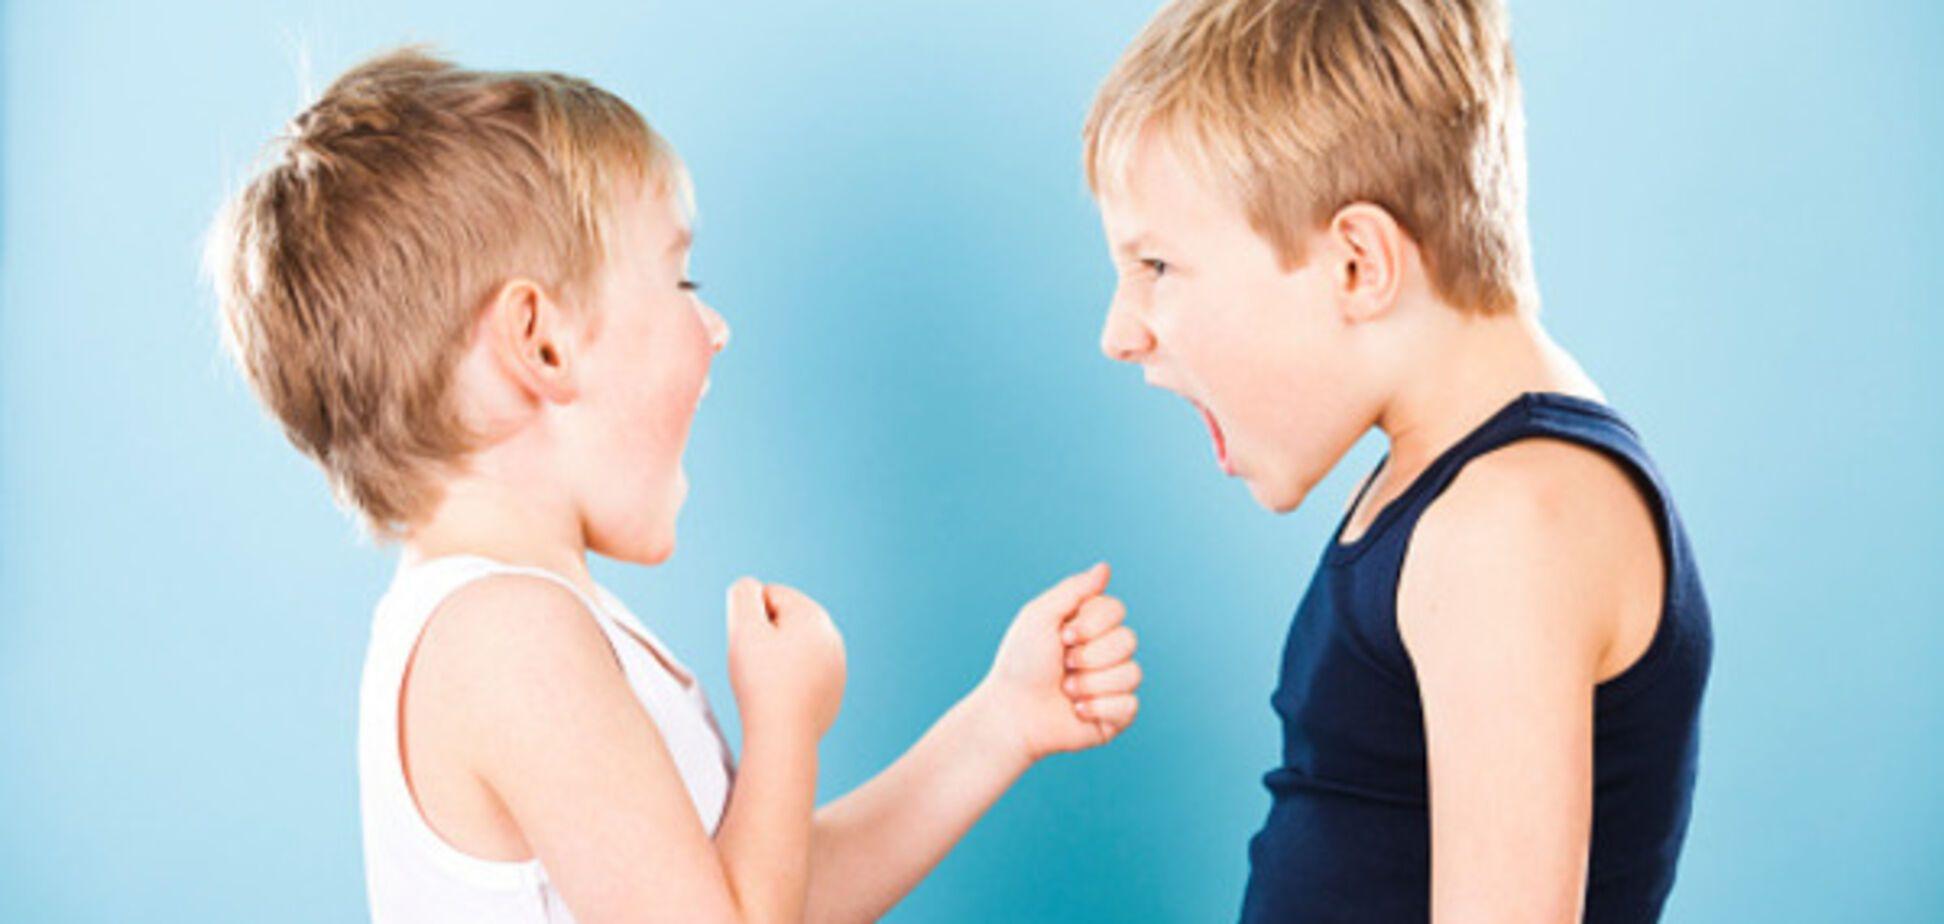 Вижити в дитячому колективі: як допомогти дитині, якщо її постійно дражнять